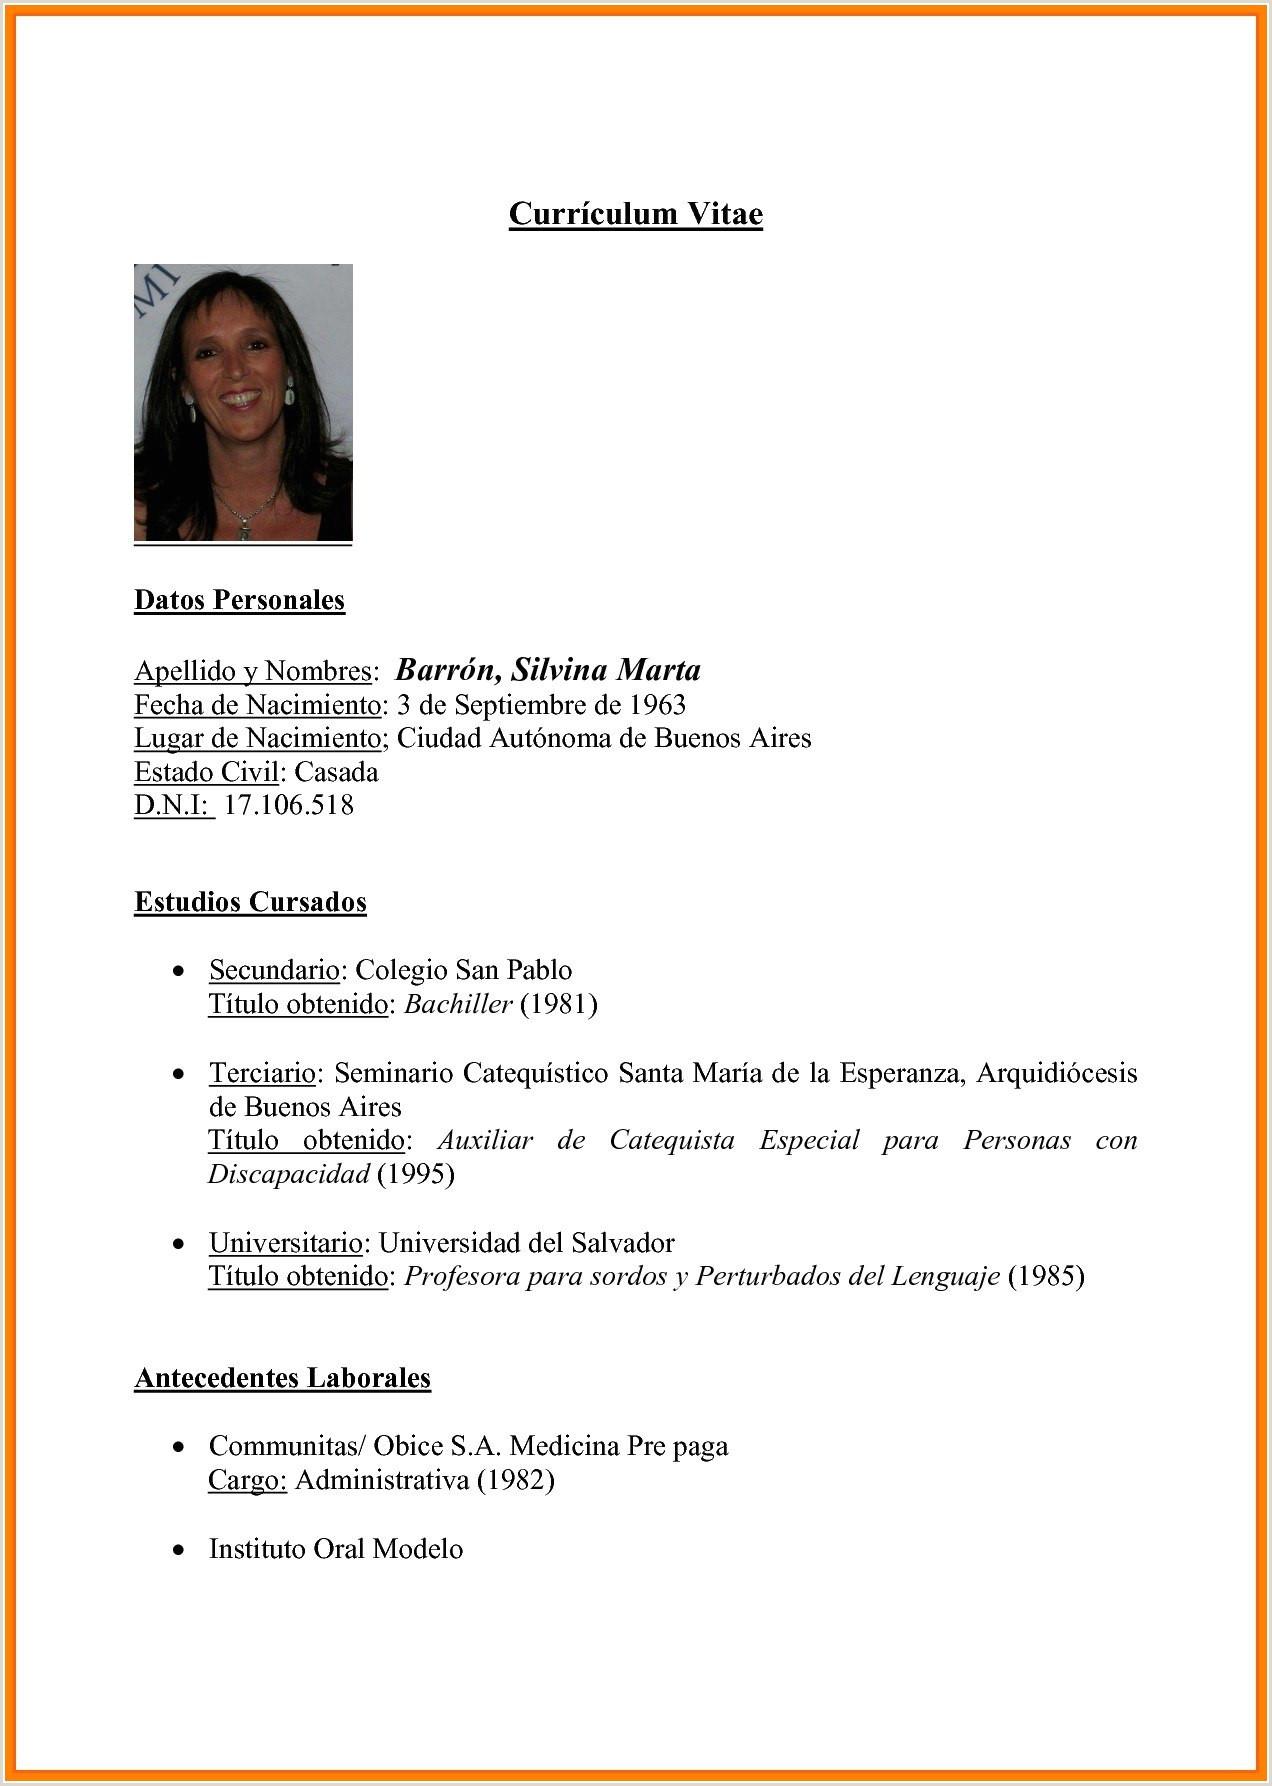 Curriculum Vitae formato Pdf Para Rellenar Gratis Curriculumdoc